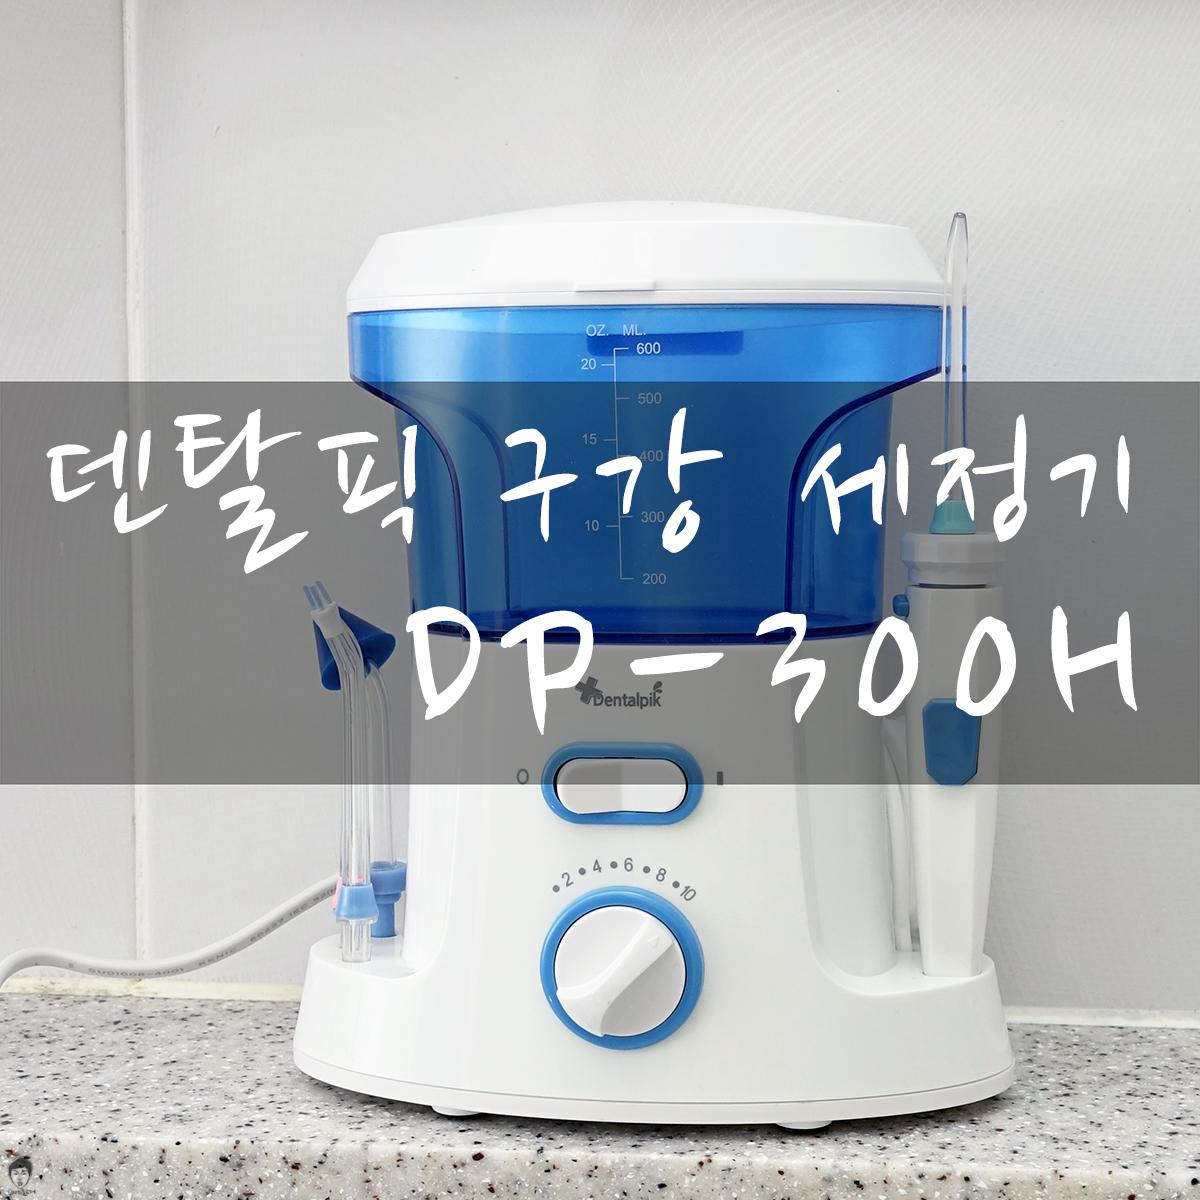 덴탈픽 구강 세정기 DP-300H로 치아관...